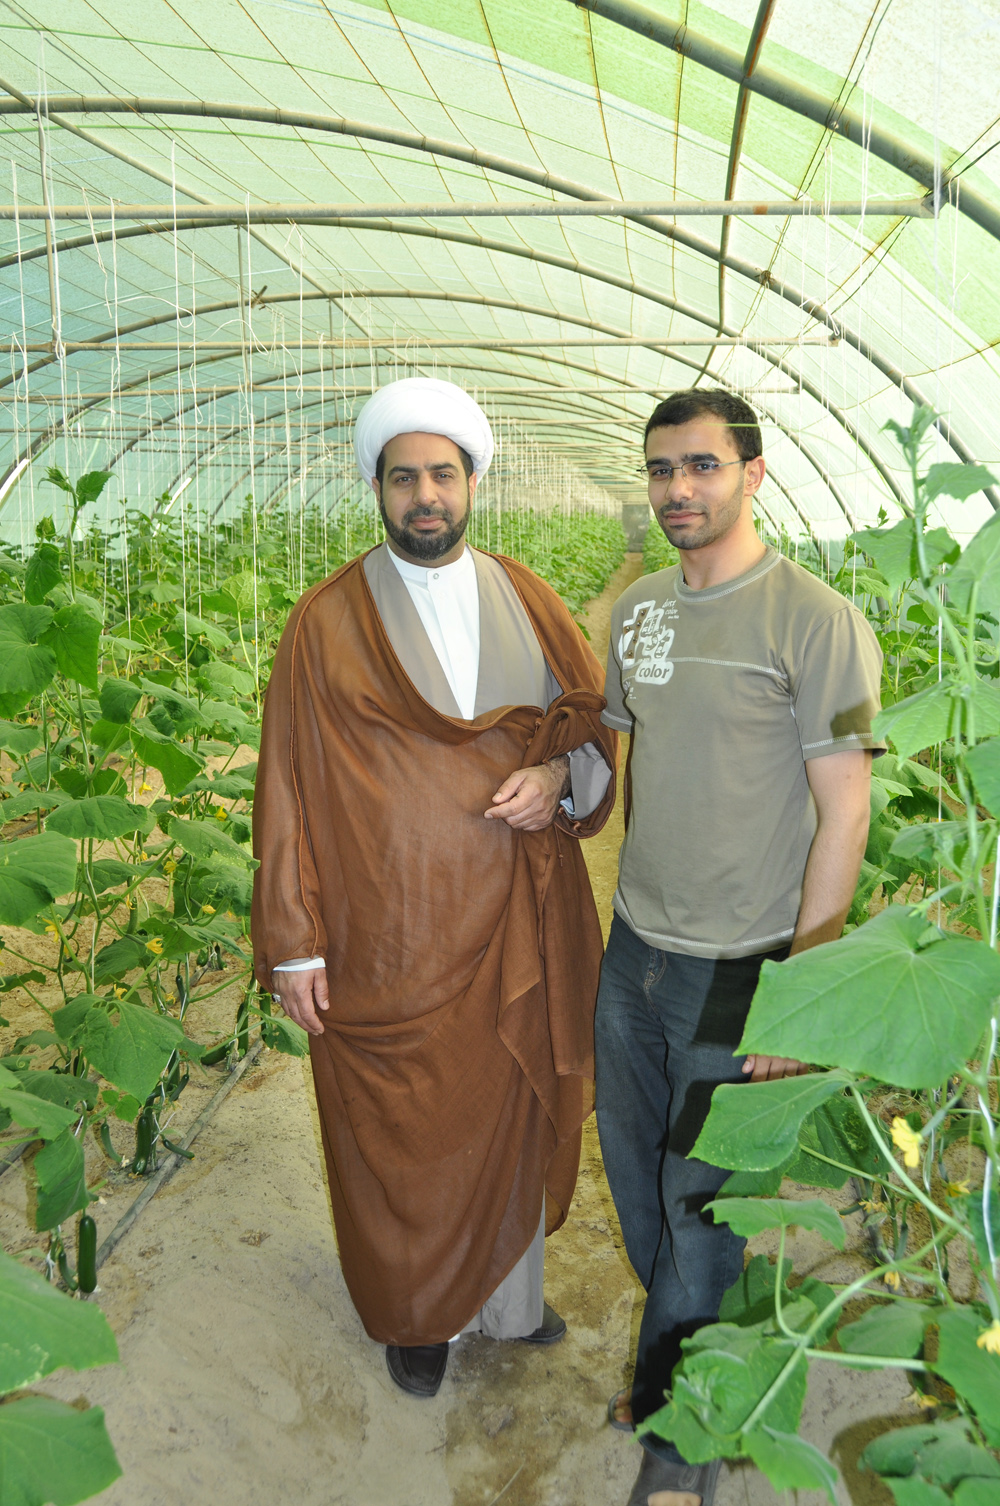 مزرعة الخويلدي - أبو معن - 1432 3